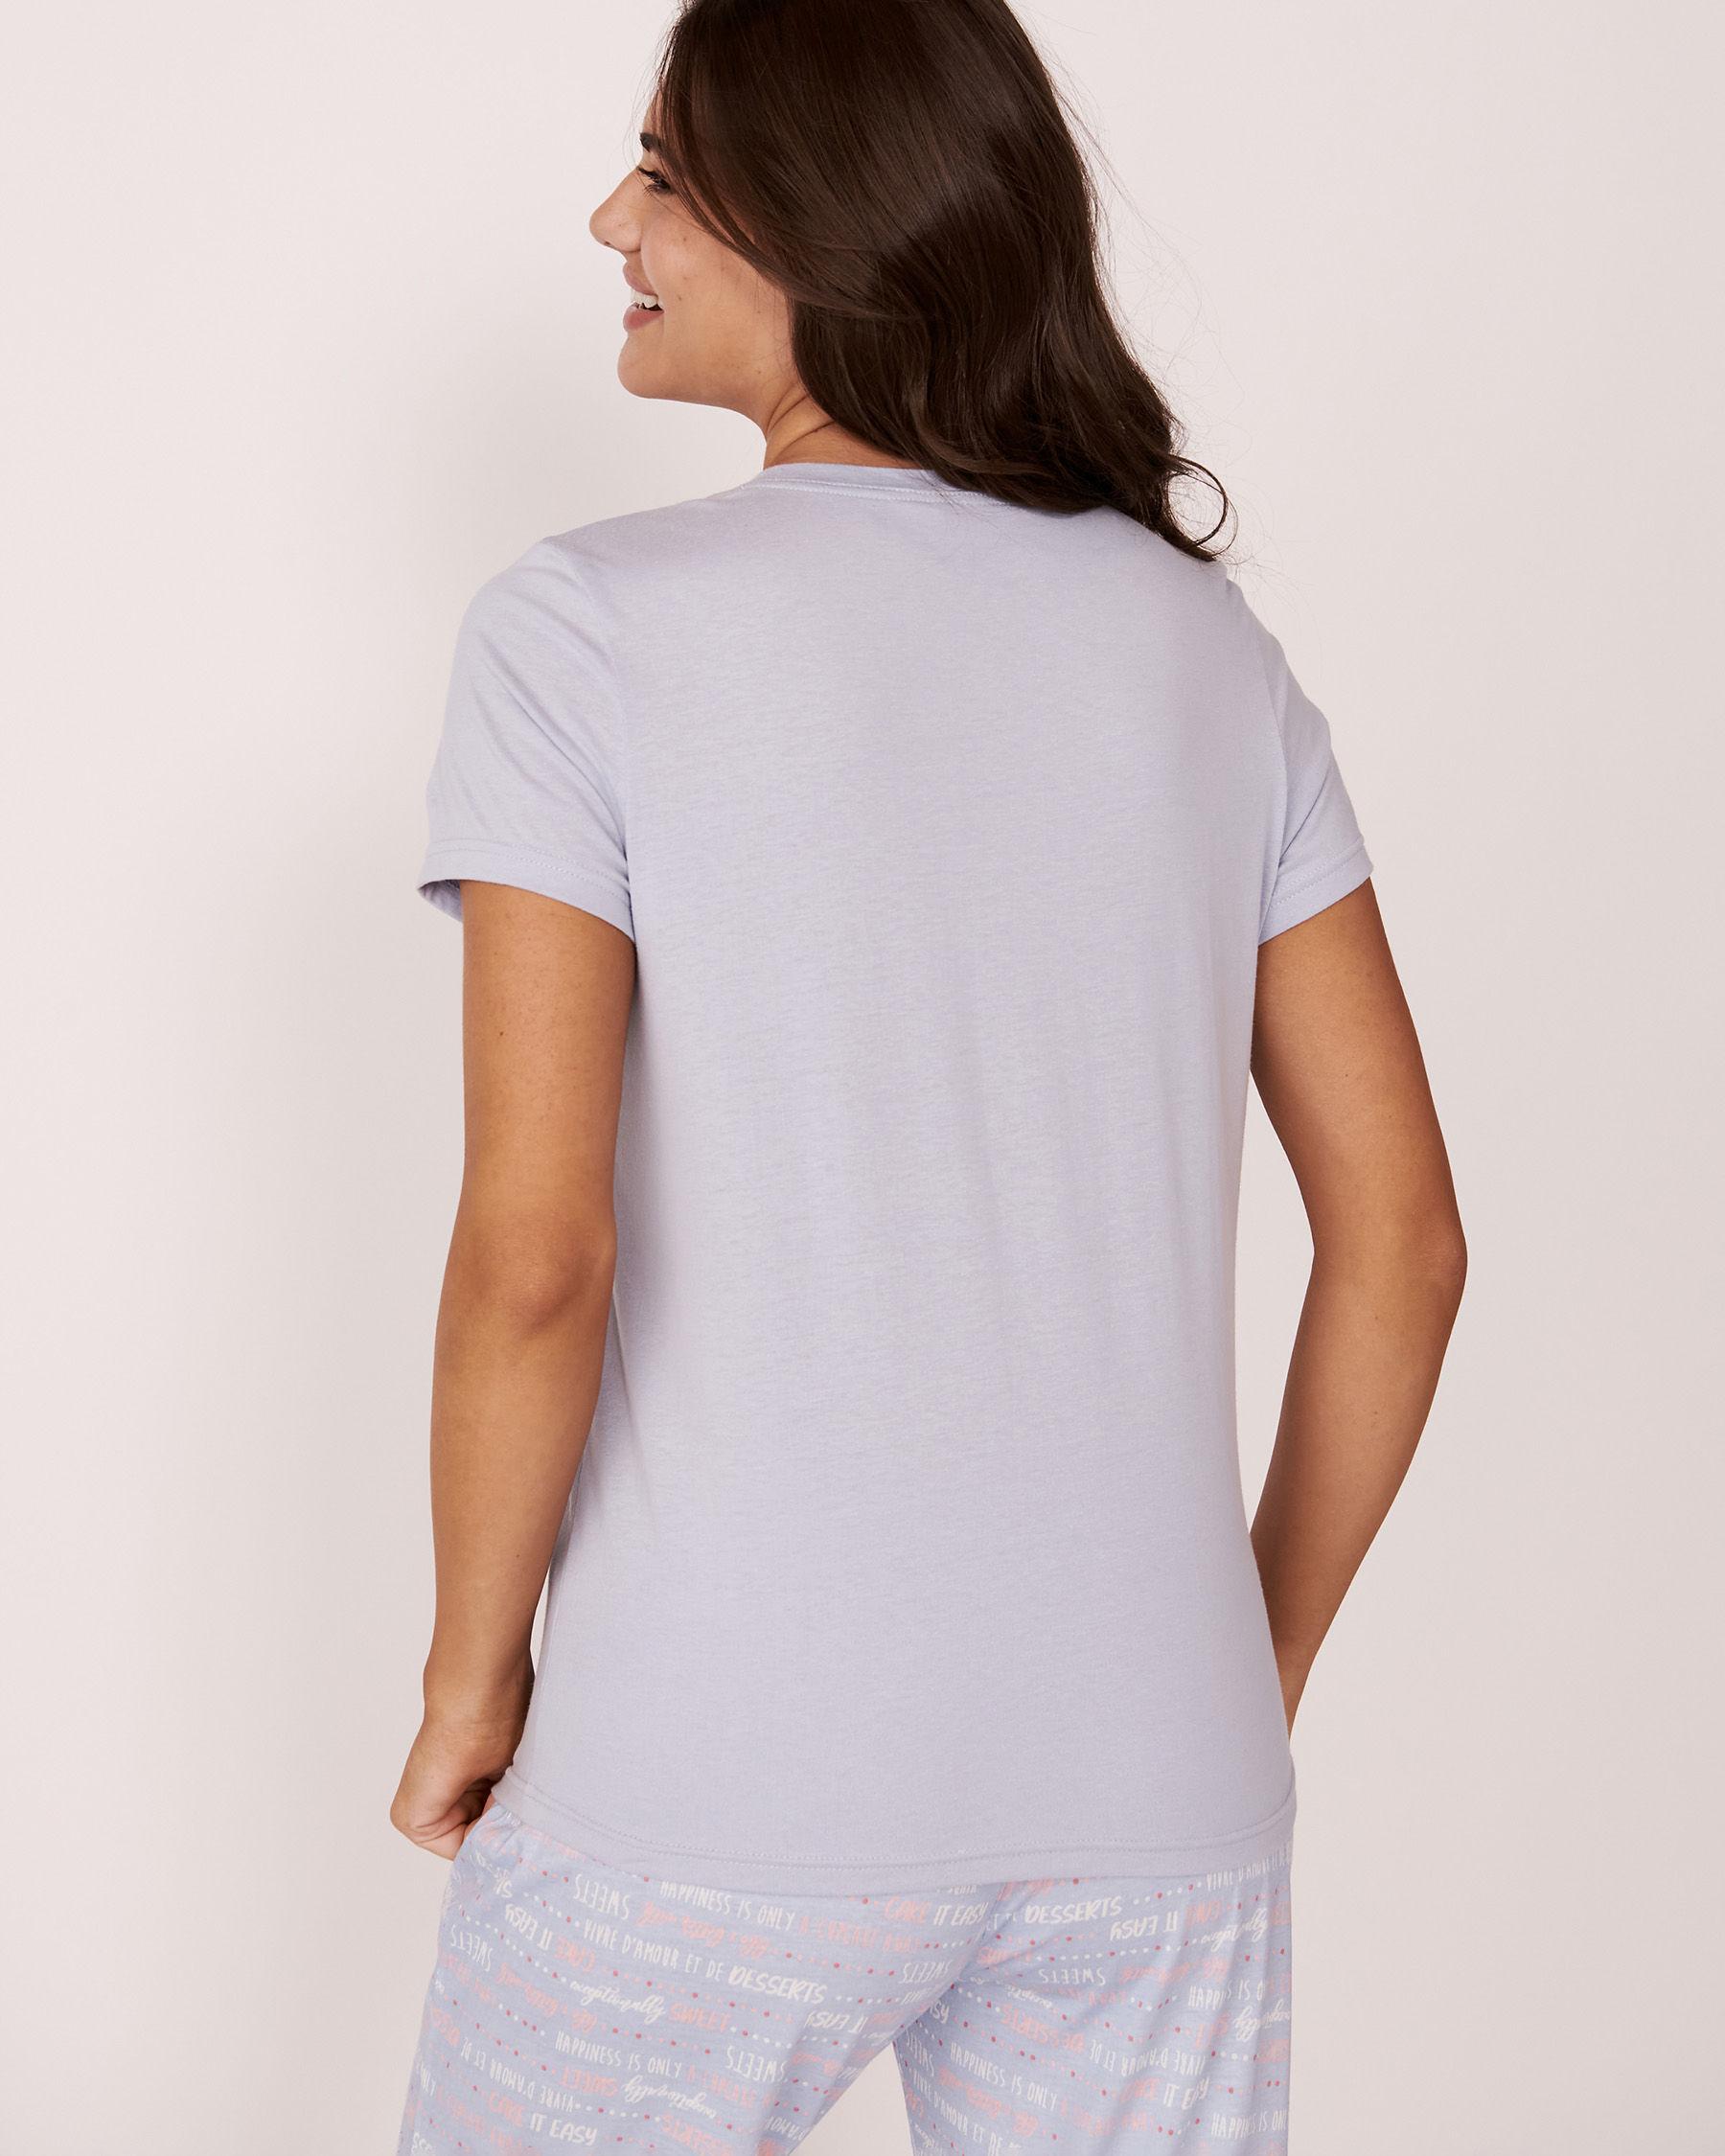 LA VIE EN ROSE V-neckline T-shirt Blue sky 40100012 - View2